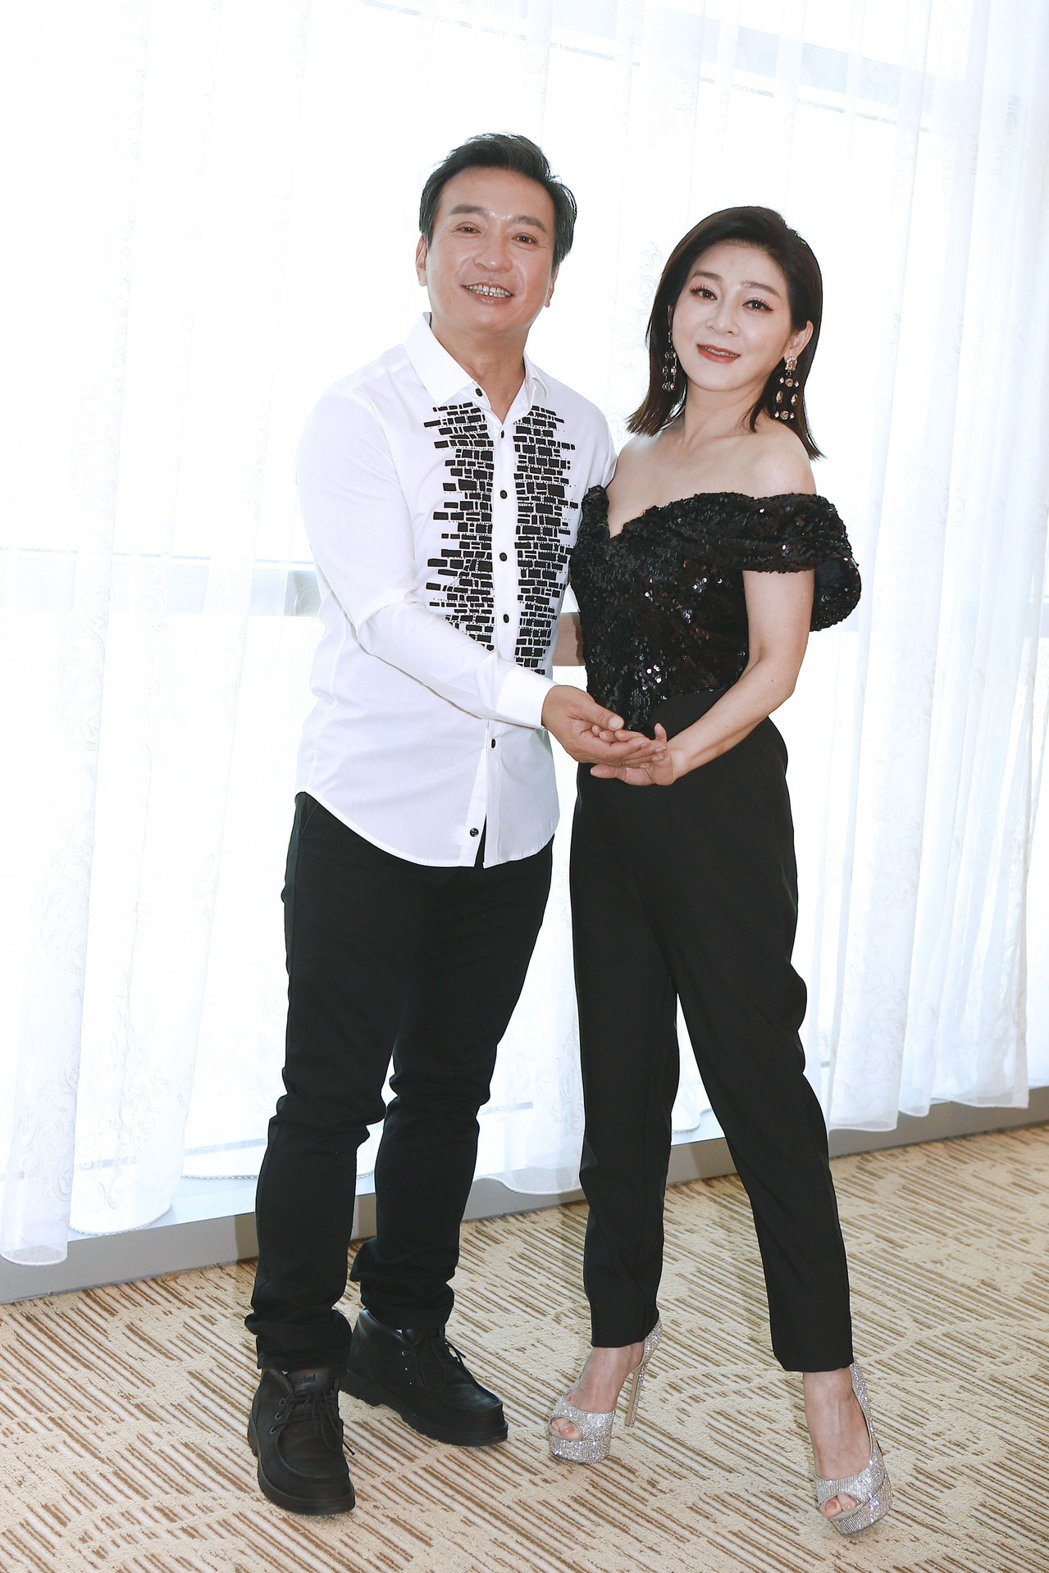 民視八點檔新戲「黃金歲月」中王中平(左)和王彩樺有很多爆笑演出。圖/民視提供